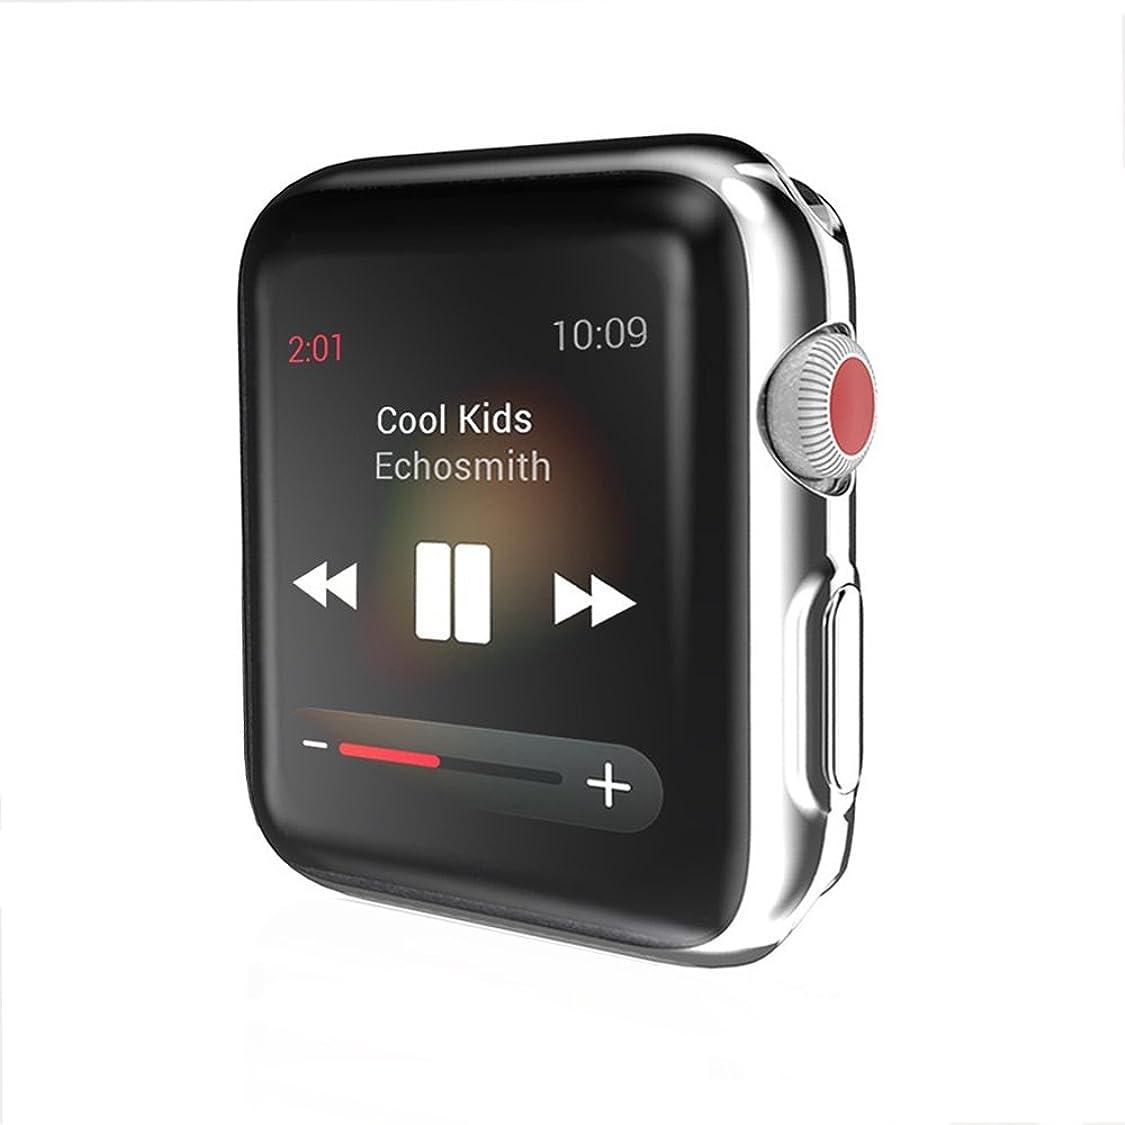 なかなか適切なブラウンHaotop for Apple Watch ケース,アイフォンウォッチ Series 3/2 柔らかい TPU 保護フィルムオールラウンド超薄型カバー新しいアップルウォッチ ケース (42mm, 銀)